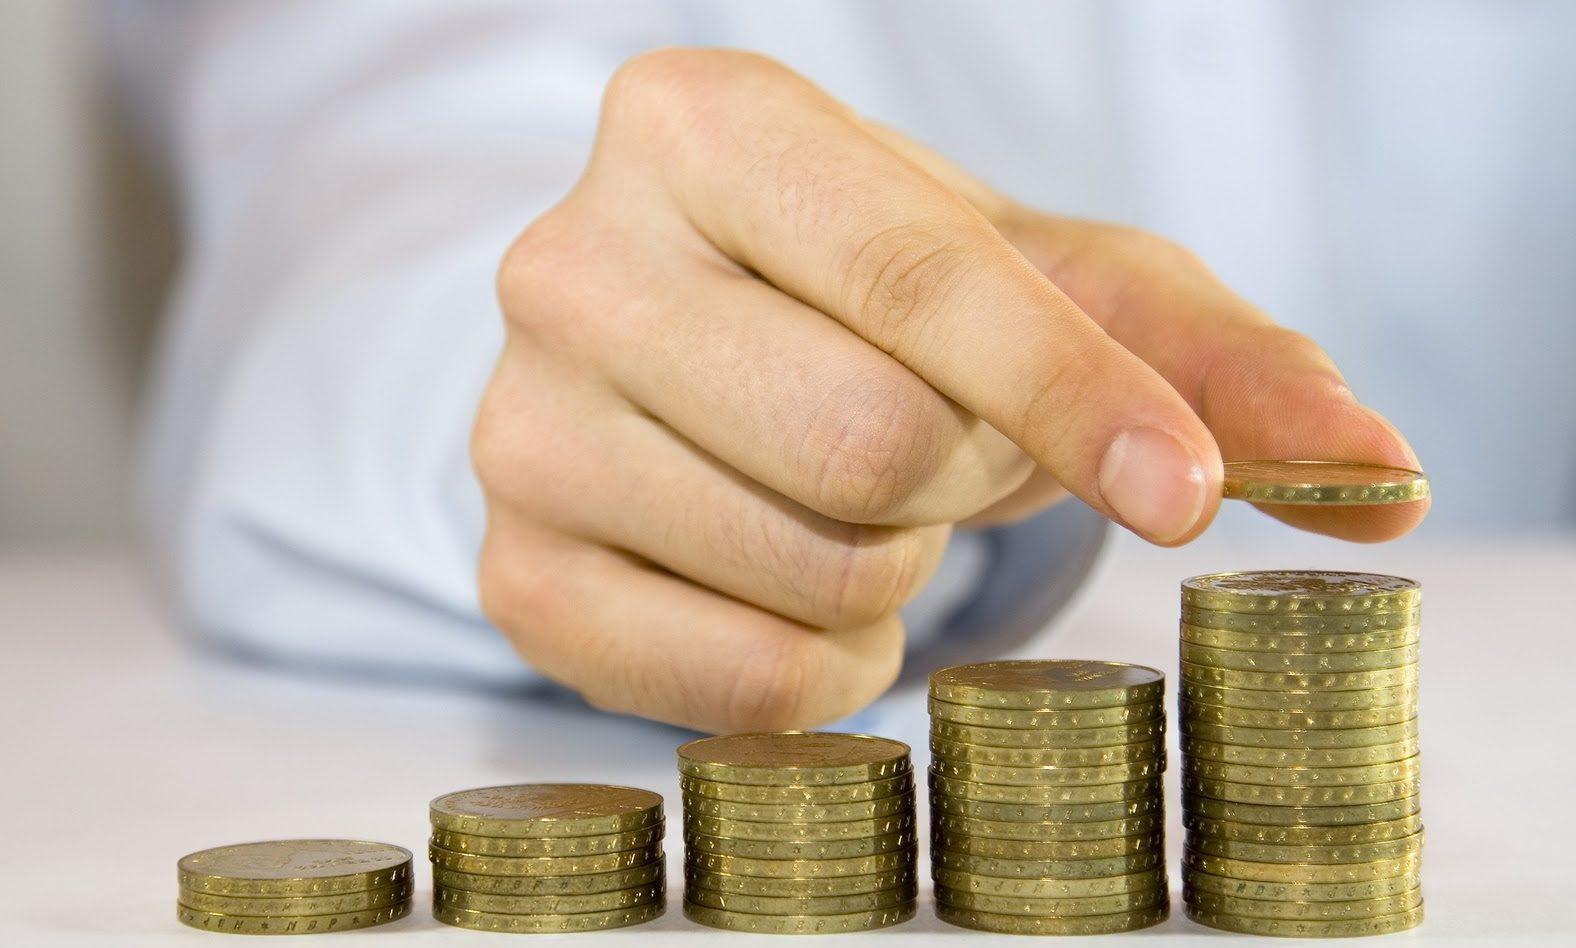 hol és hogyan lehet igazán pénzt keresni)